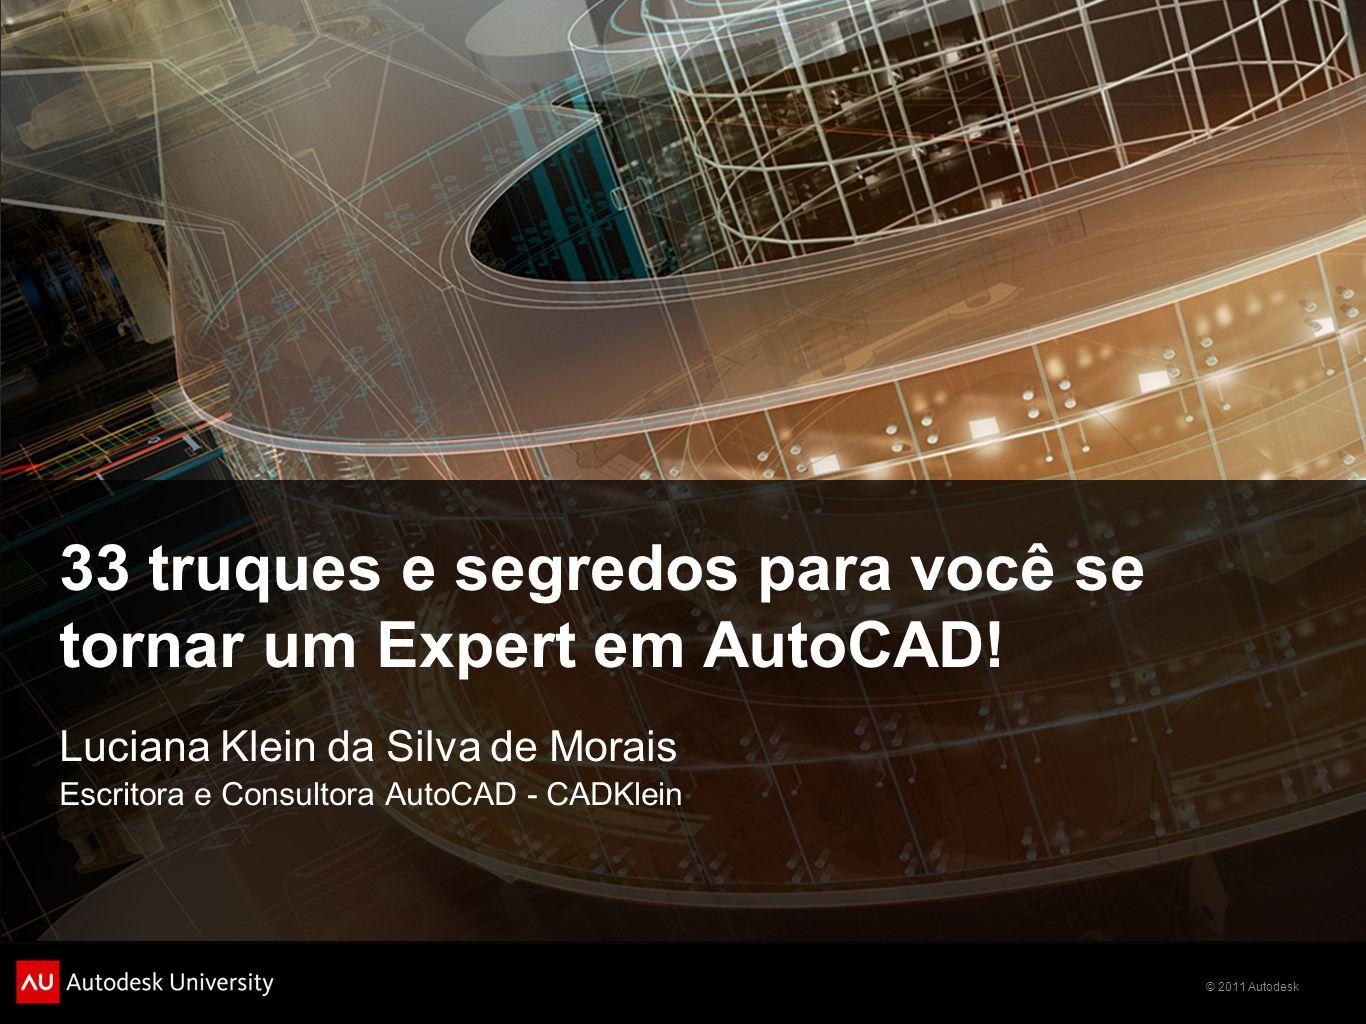 33 truques e segredos para você se tornar um Expert em AutoCAD!